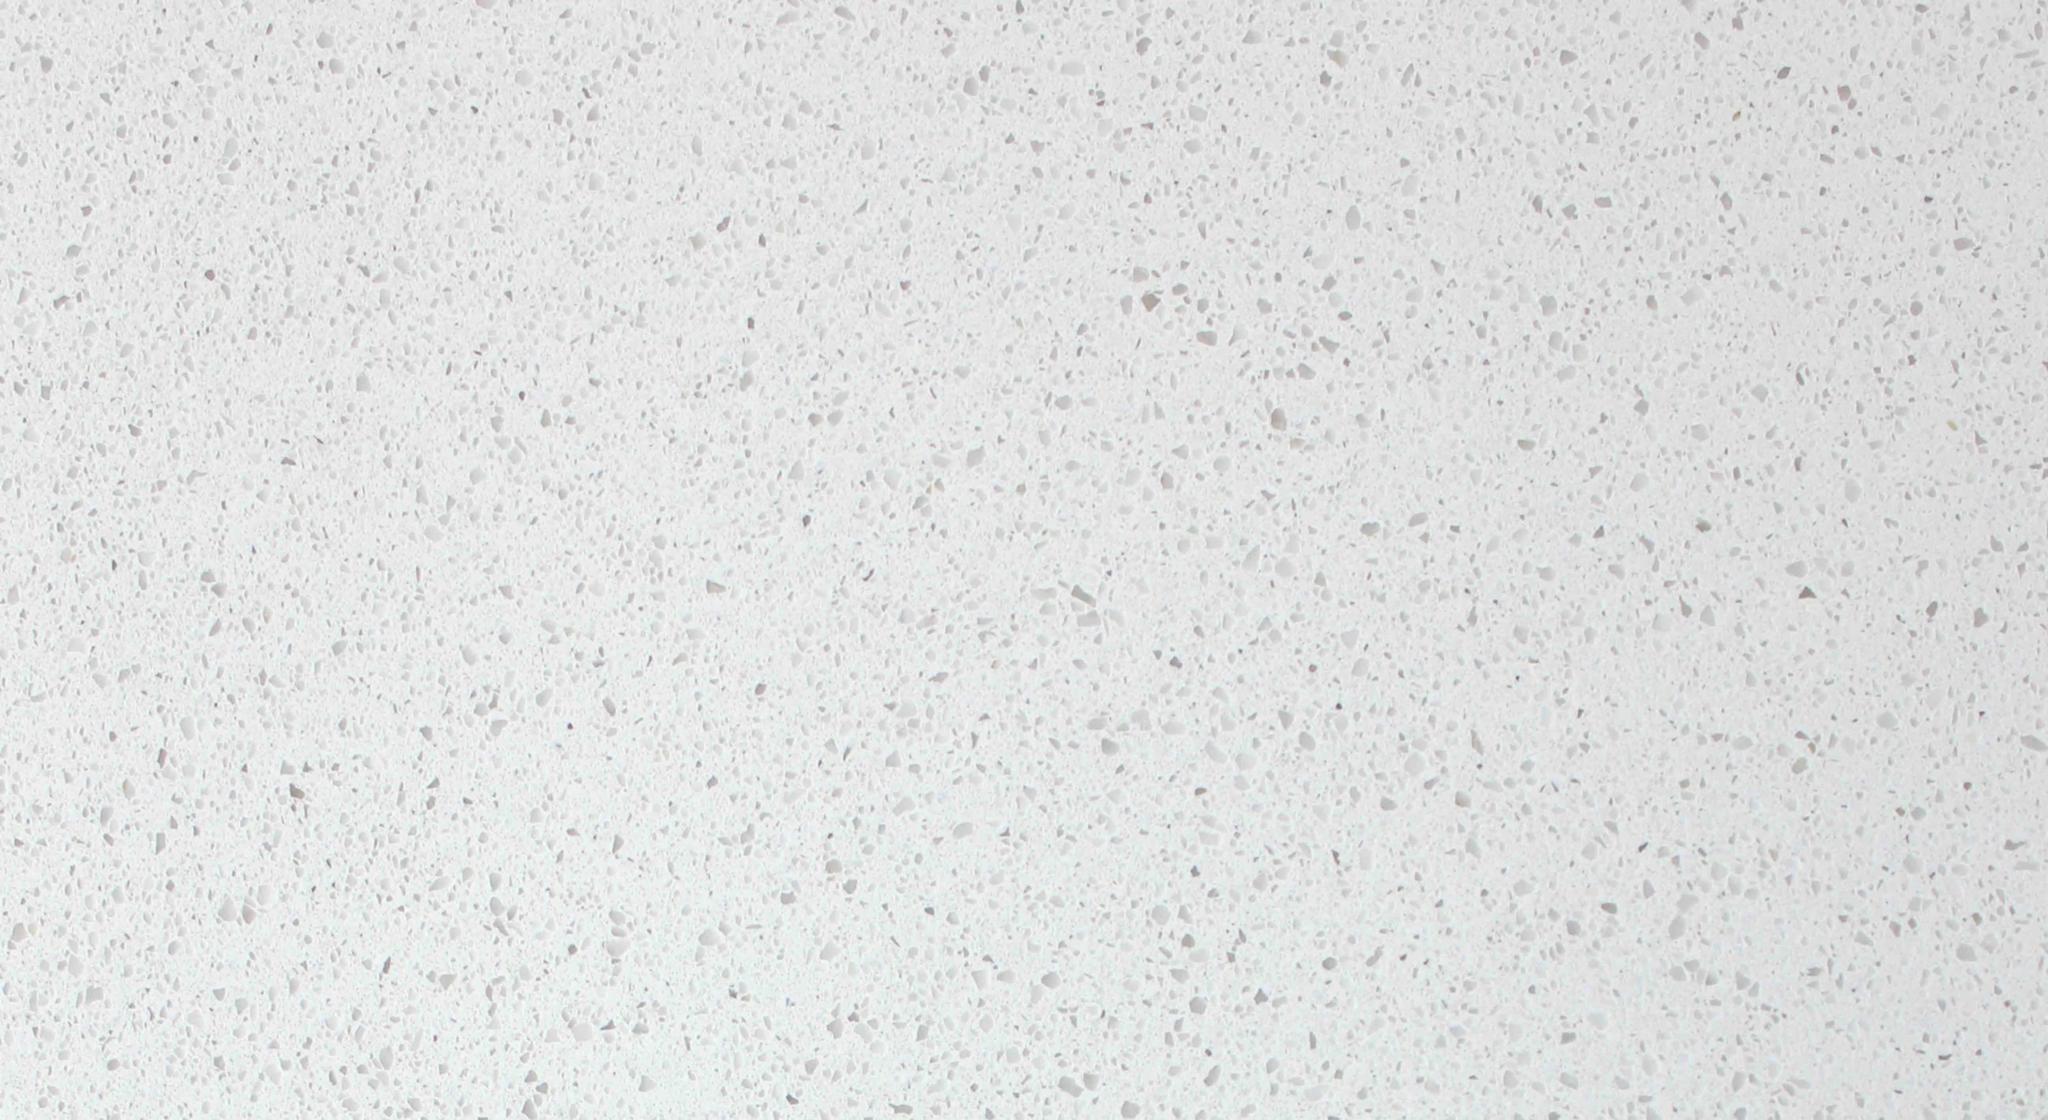 Dapple White - Stone Ambassador